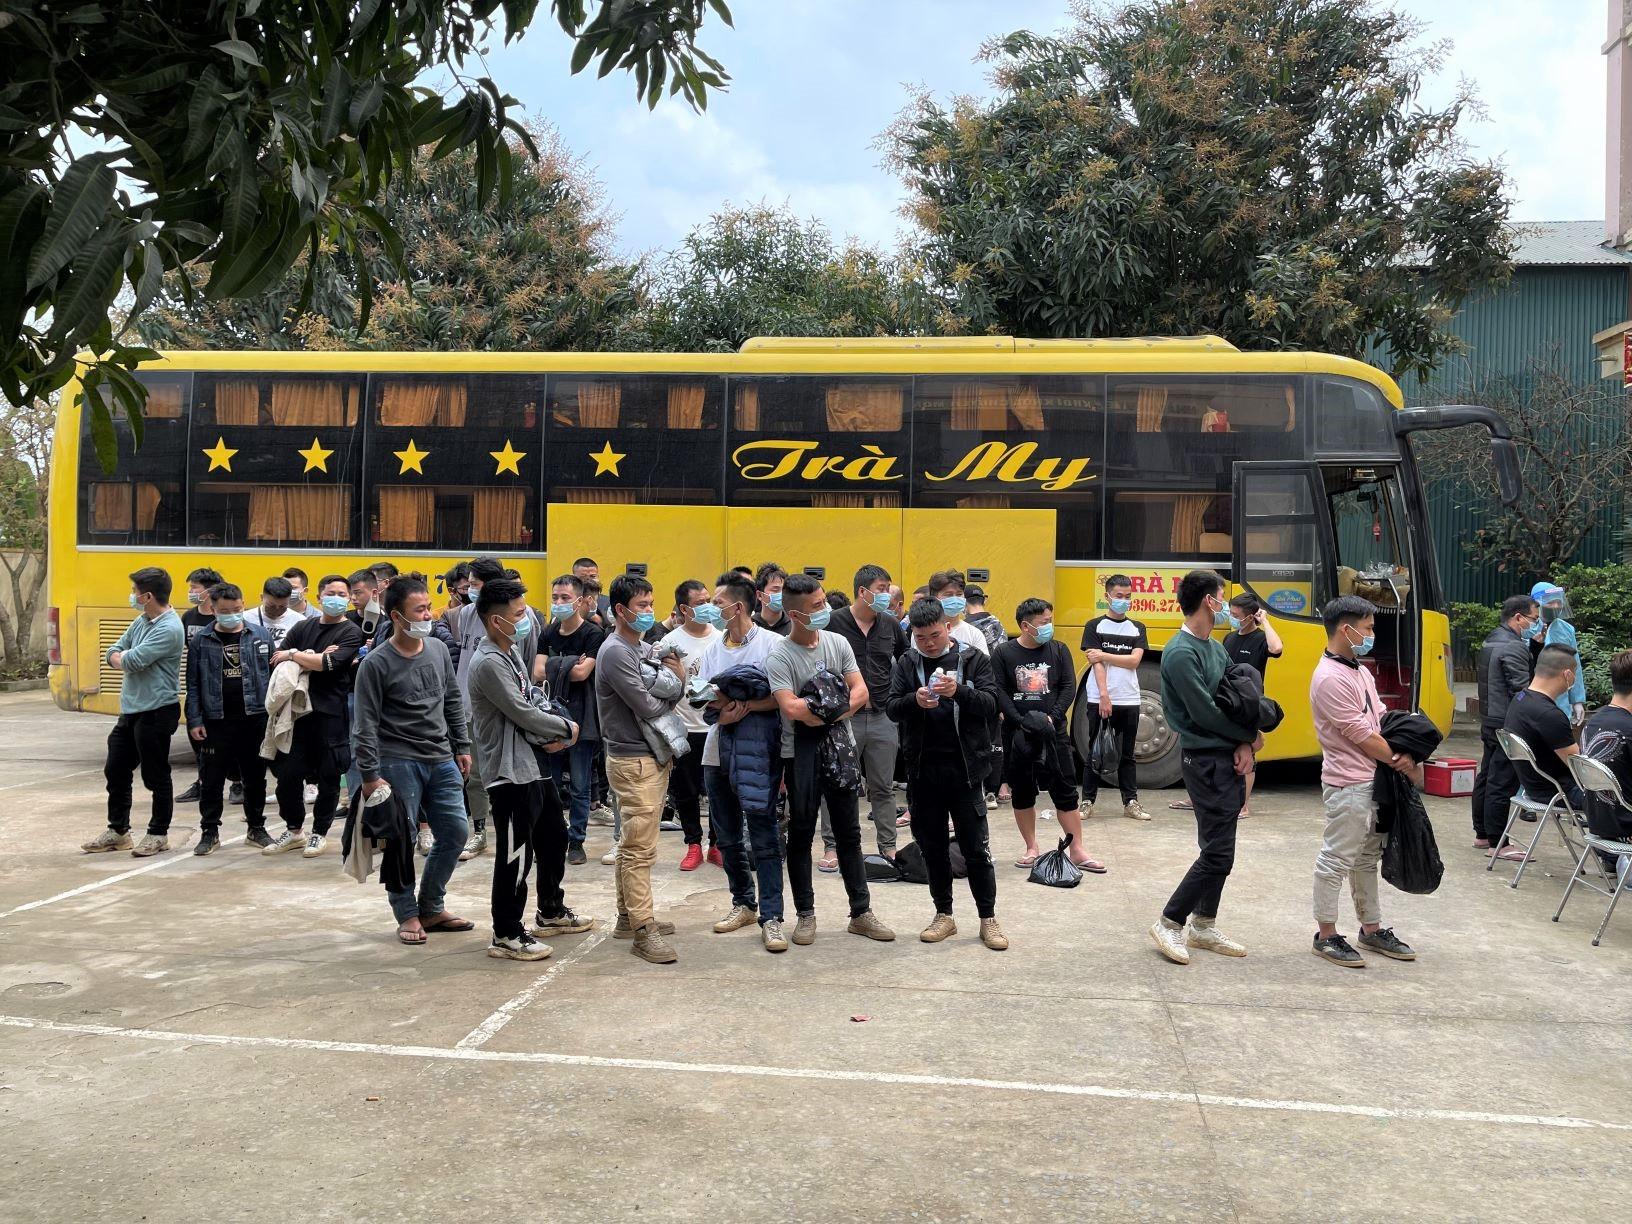 BĐBP Nghệ An cùng lực lượng chức năng phát hiện bắt giữ 1 xe ô tô chở 53 người Trung Quốc nhập cảnh trái phép vào nước ta.